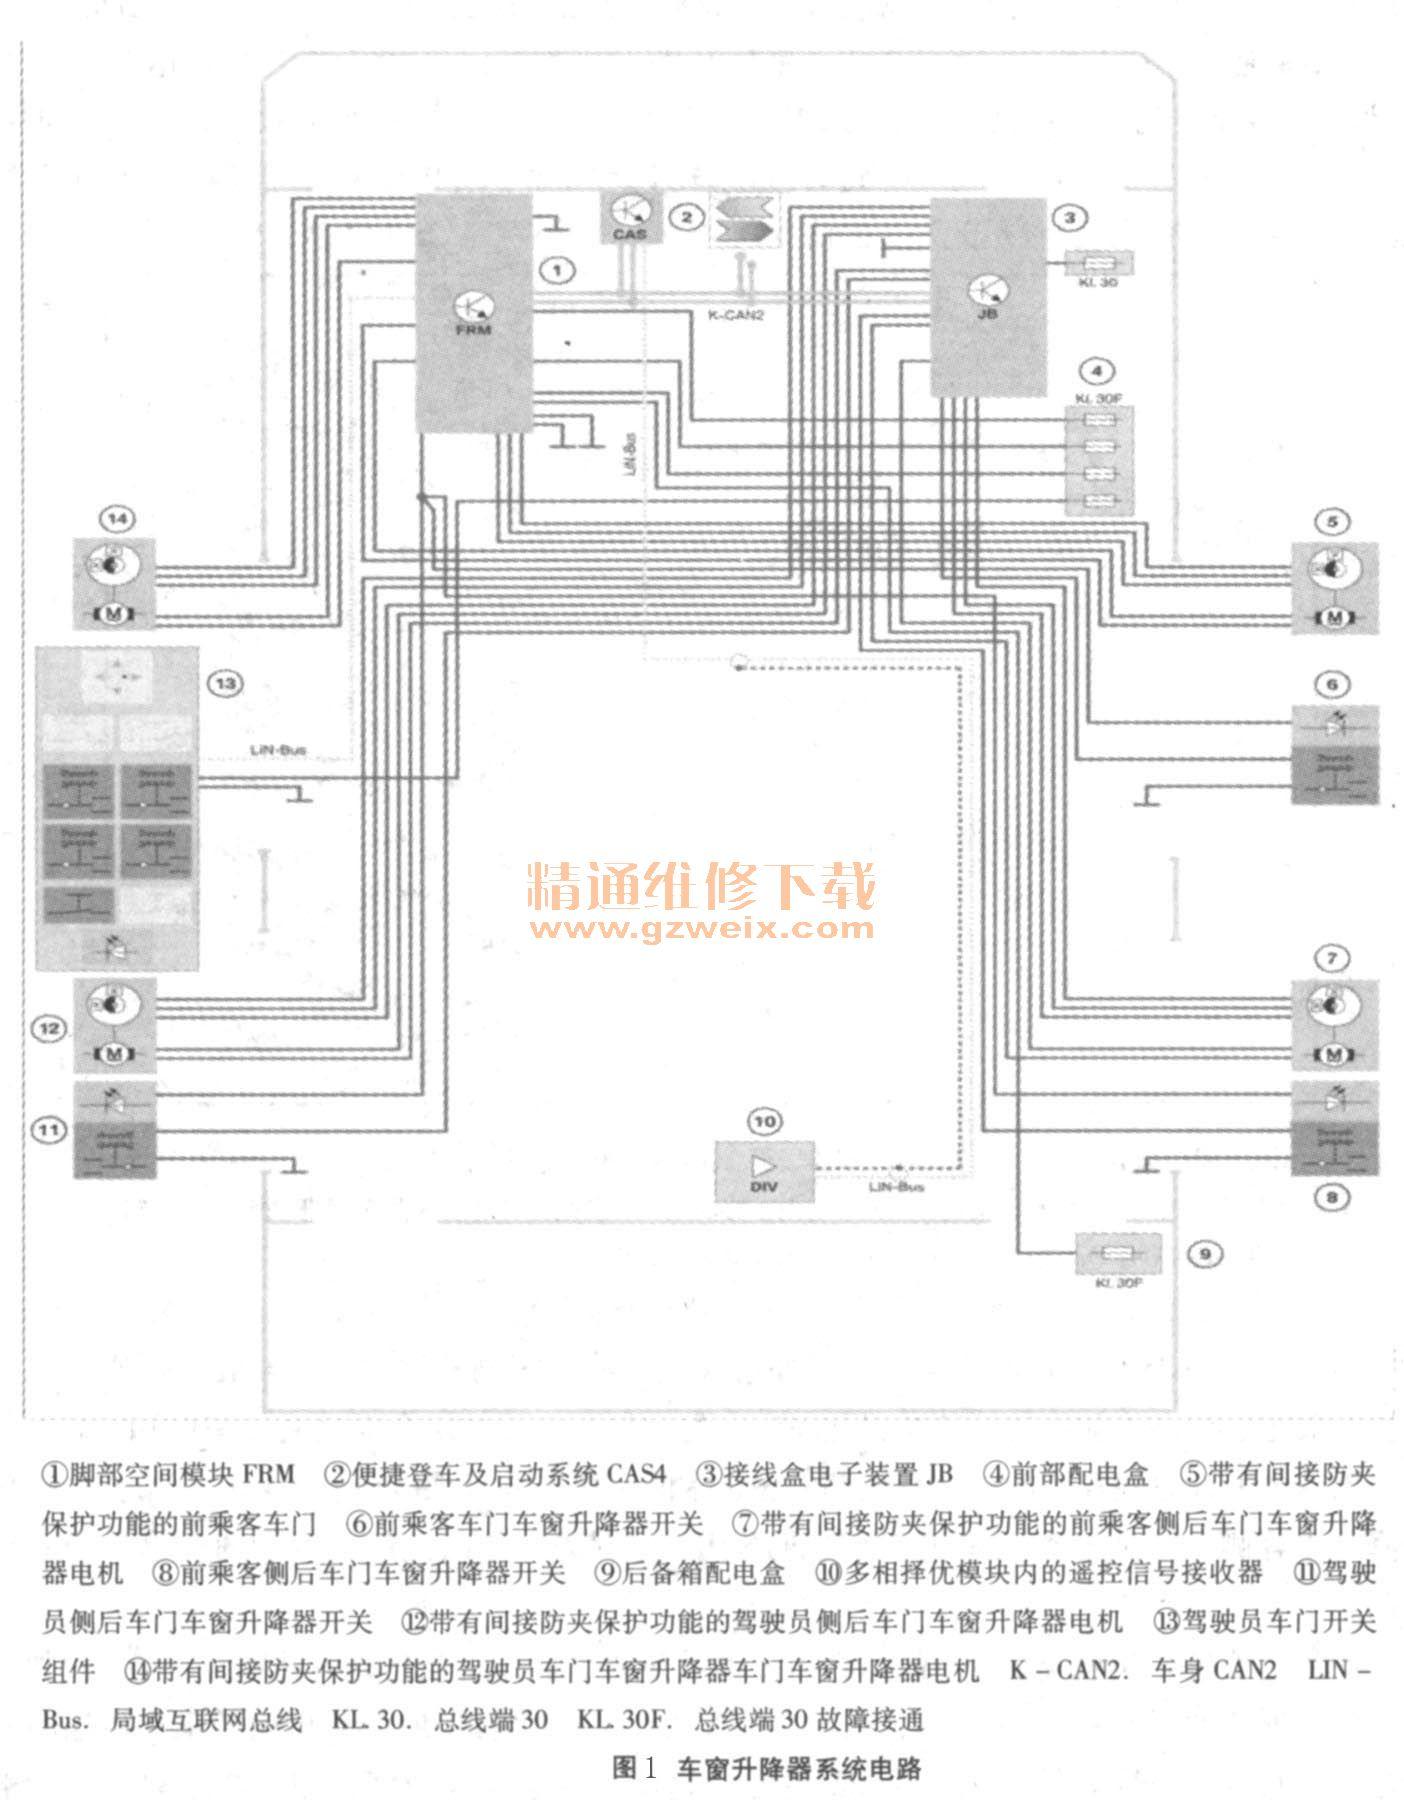 宝马730li轿车车窗升降器不能使用 宝马汽车维修